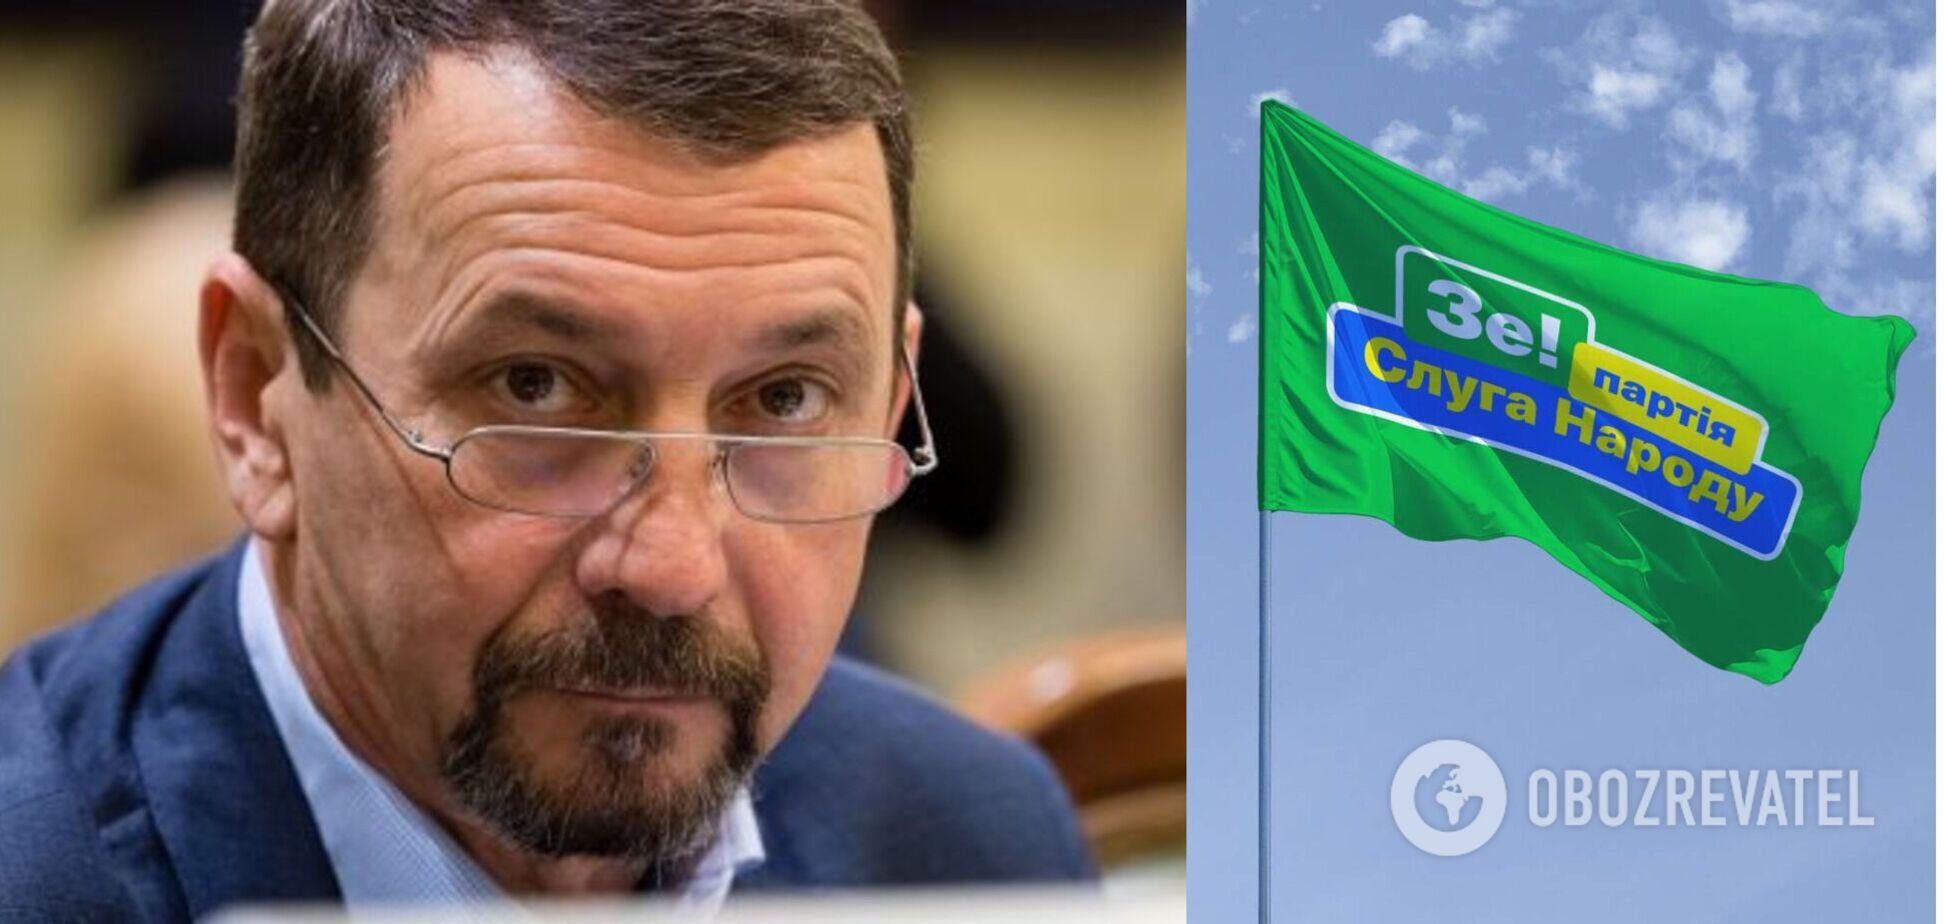 В Днепре телеканал подал в суд на 'Слугу народа' из-за 'фейков': появилось продолжение скандала